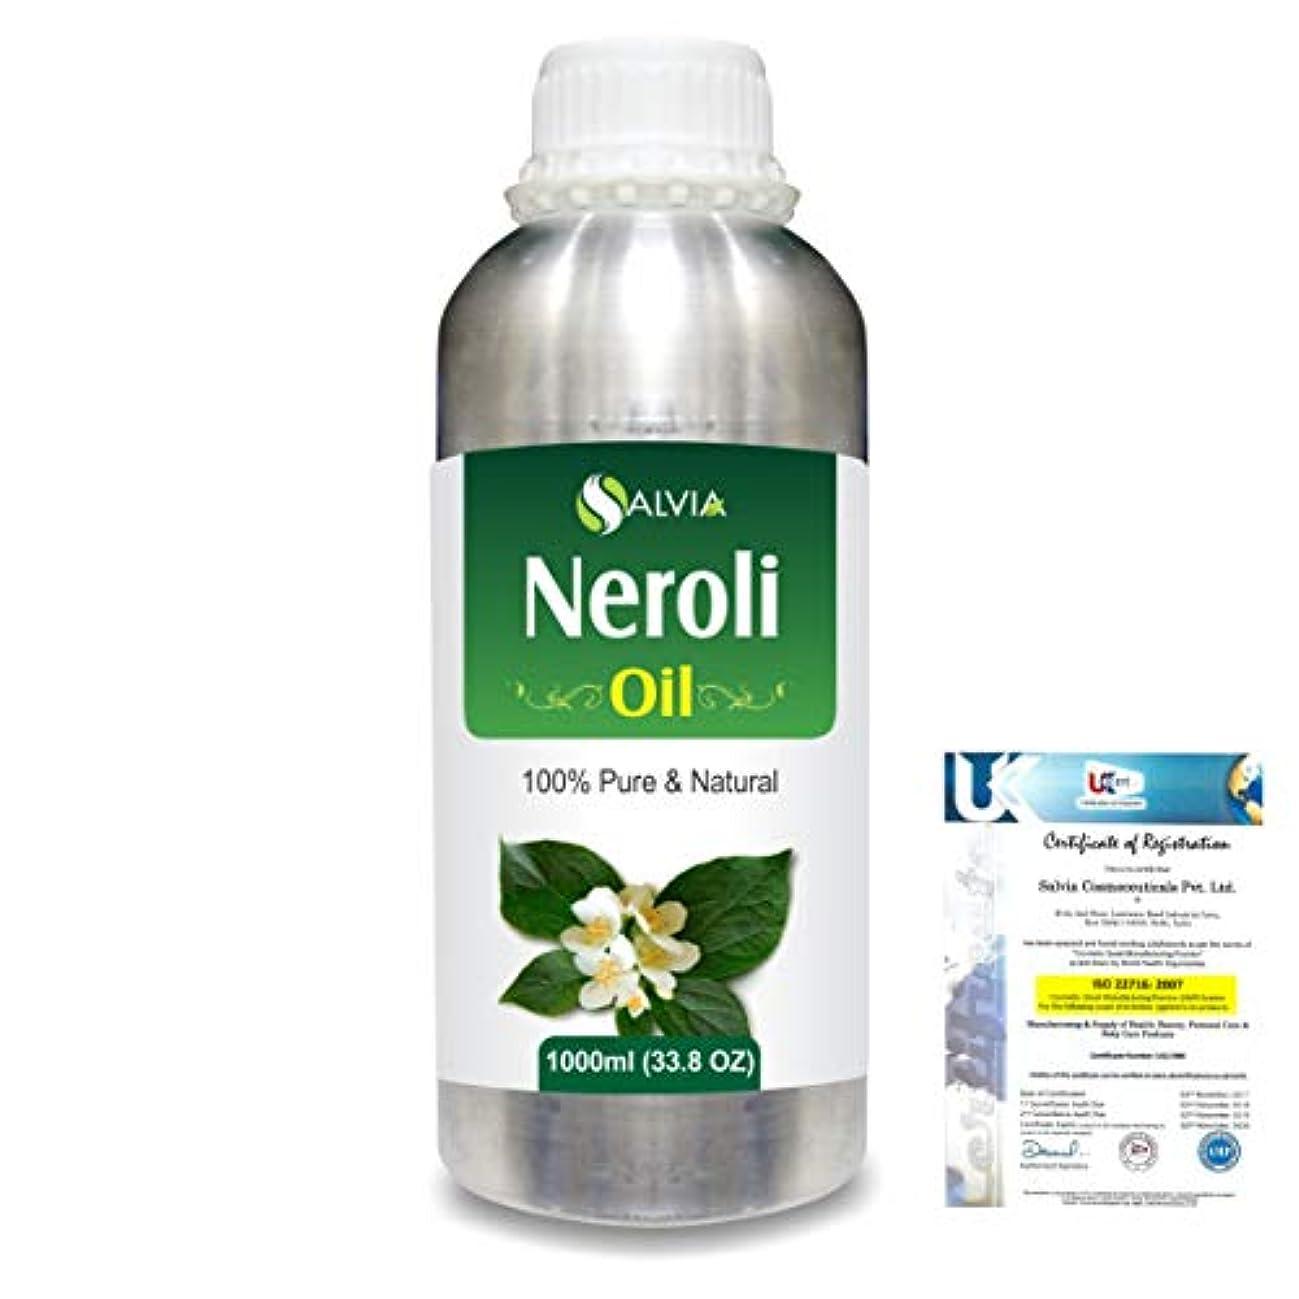 非常に怒っています謙虚船形Neroli (Citrus Aurantium) 100% Natural Pure Essential Oil 1000ml/33.8fl.oz.